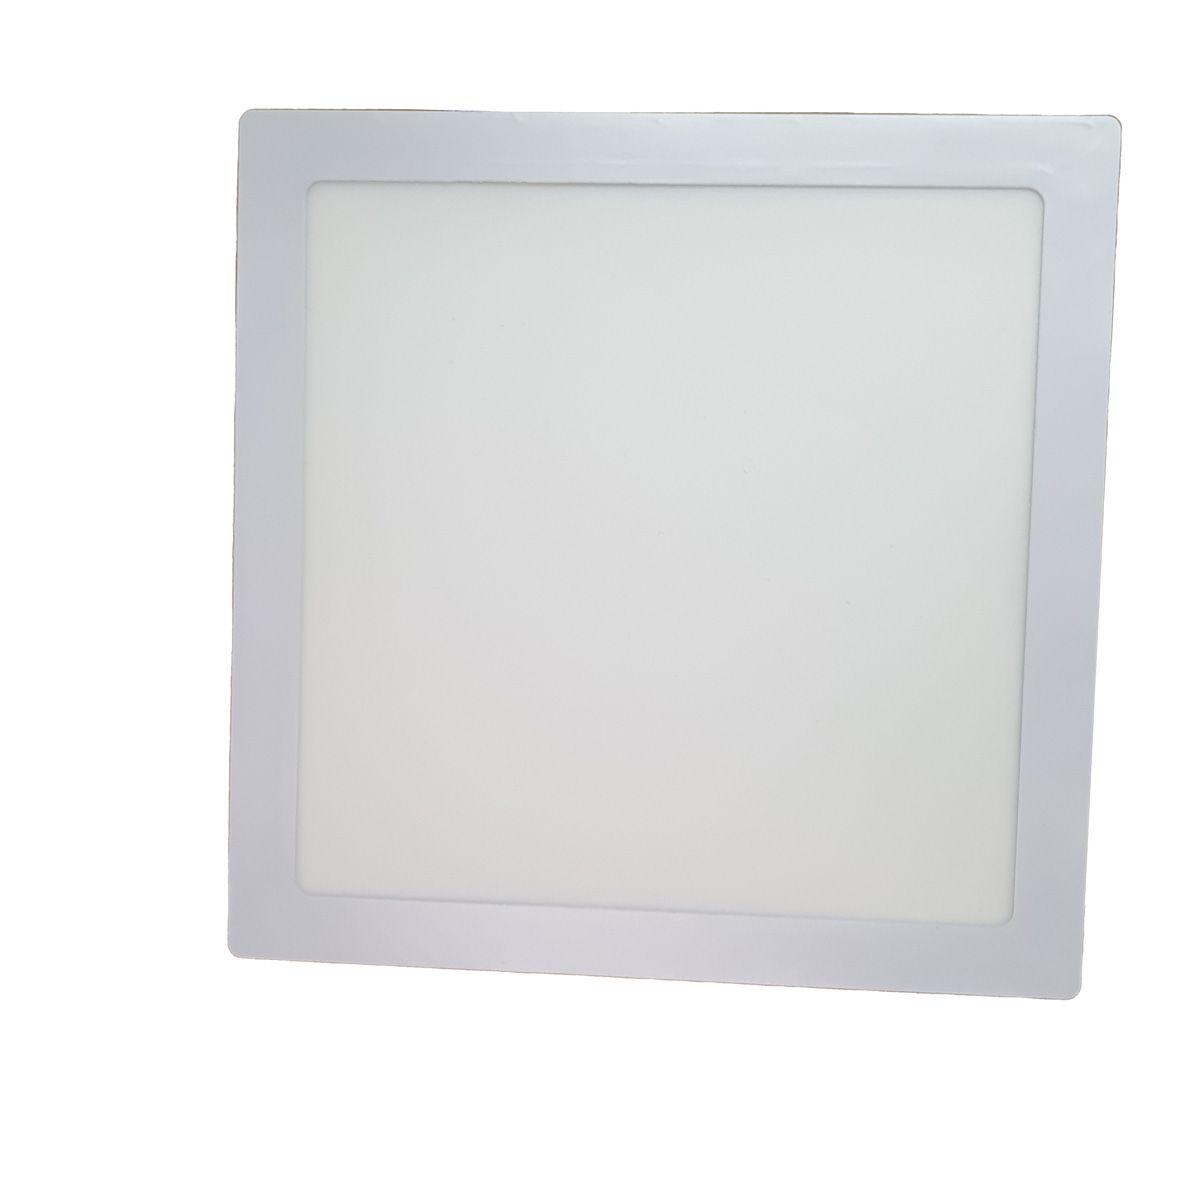 Painel Plafon LED 24w Quadrado Luminaria Embutir Branco Luz Quente